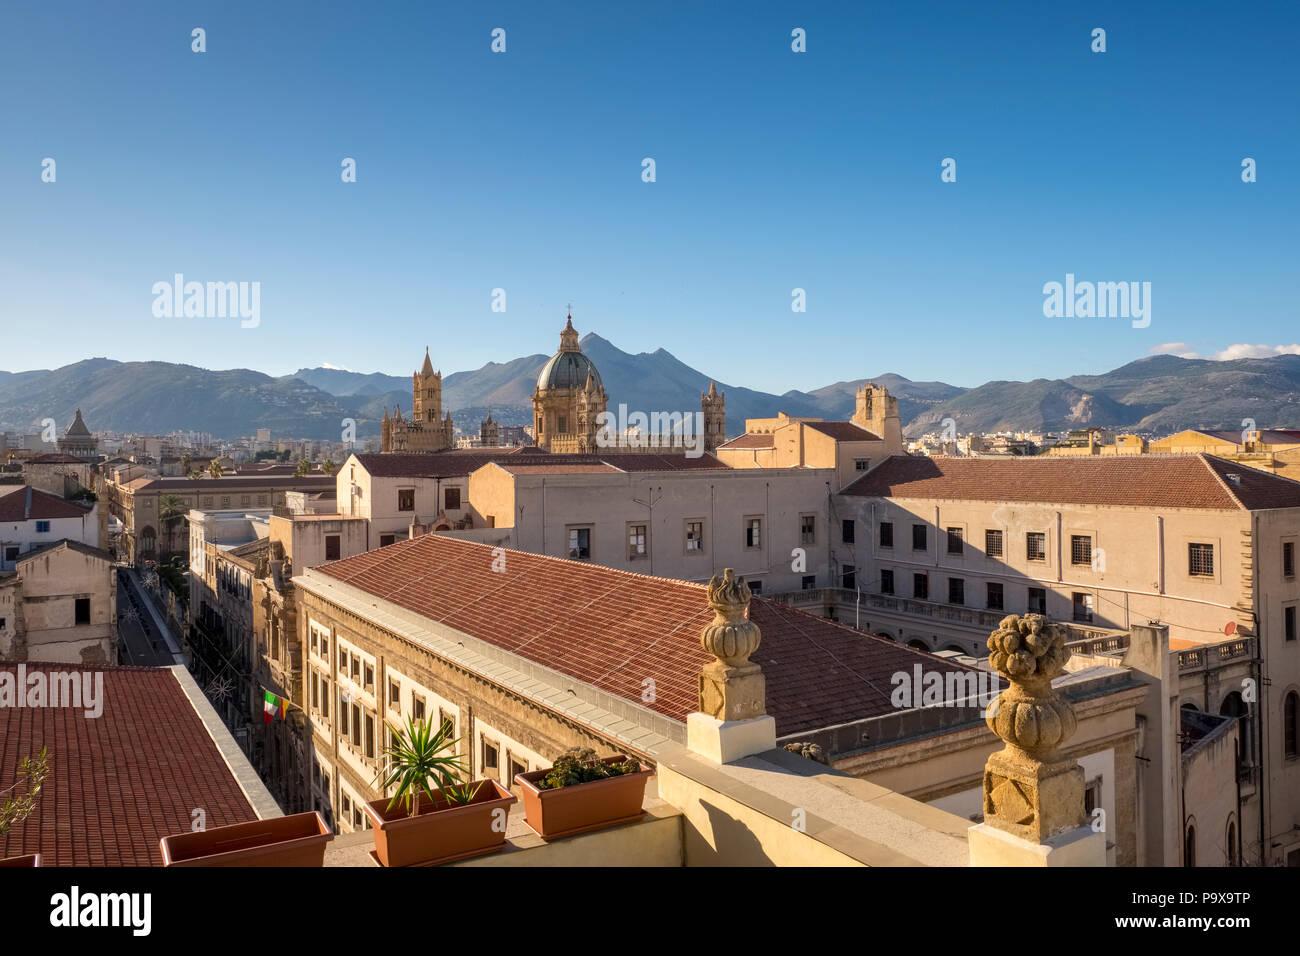 Lo skyline di Palermo, Sicilia, Italia, Europa con le montagne alle spalle Immagini Stock